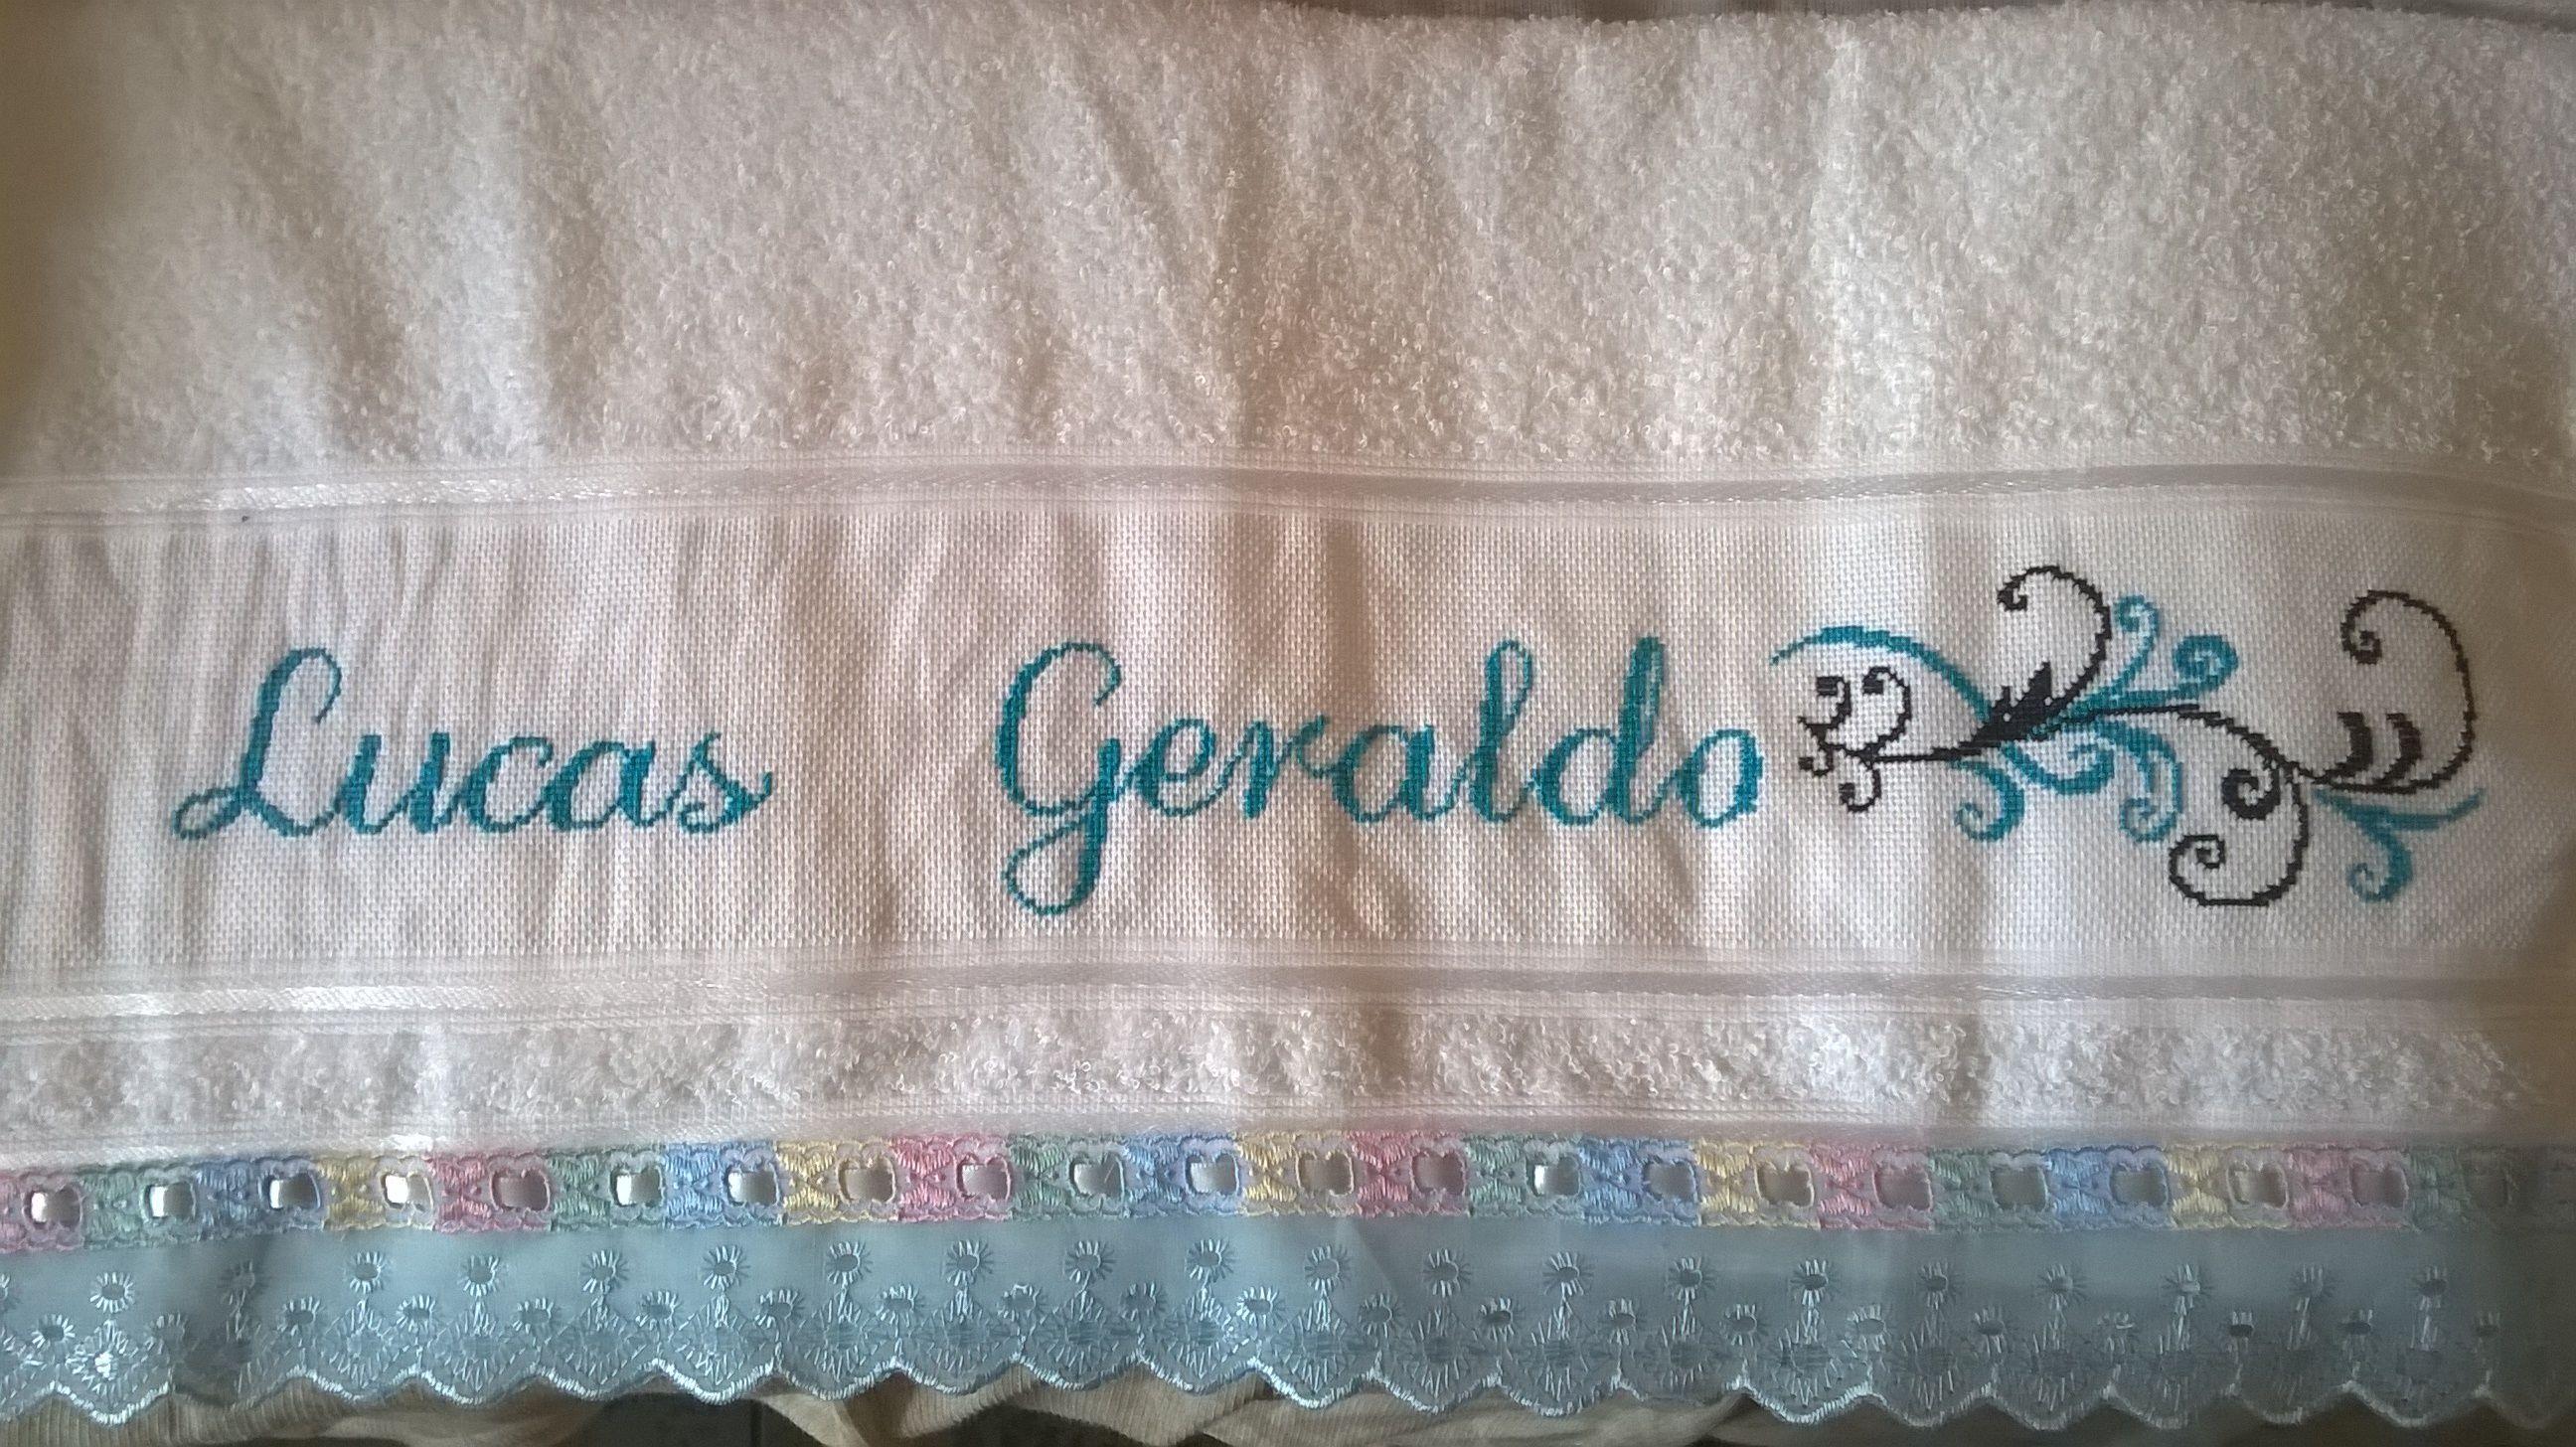 Toalha de banho com nome Lucas Geraldo e desenho de harmonia